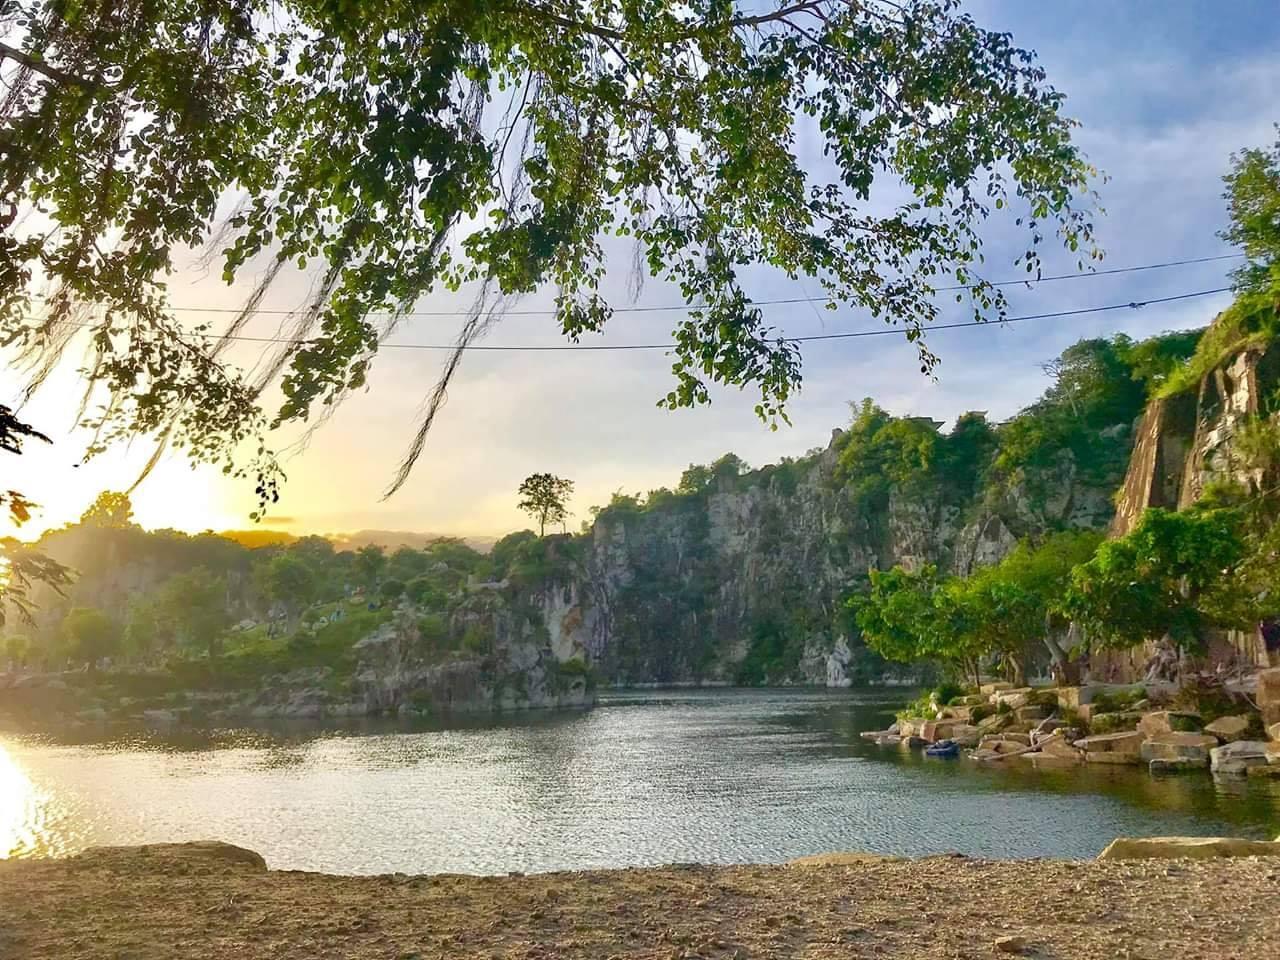 Bật mí kinh nghiệm du lịch An Giang chỉ từ 1 triệu tự túc